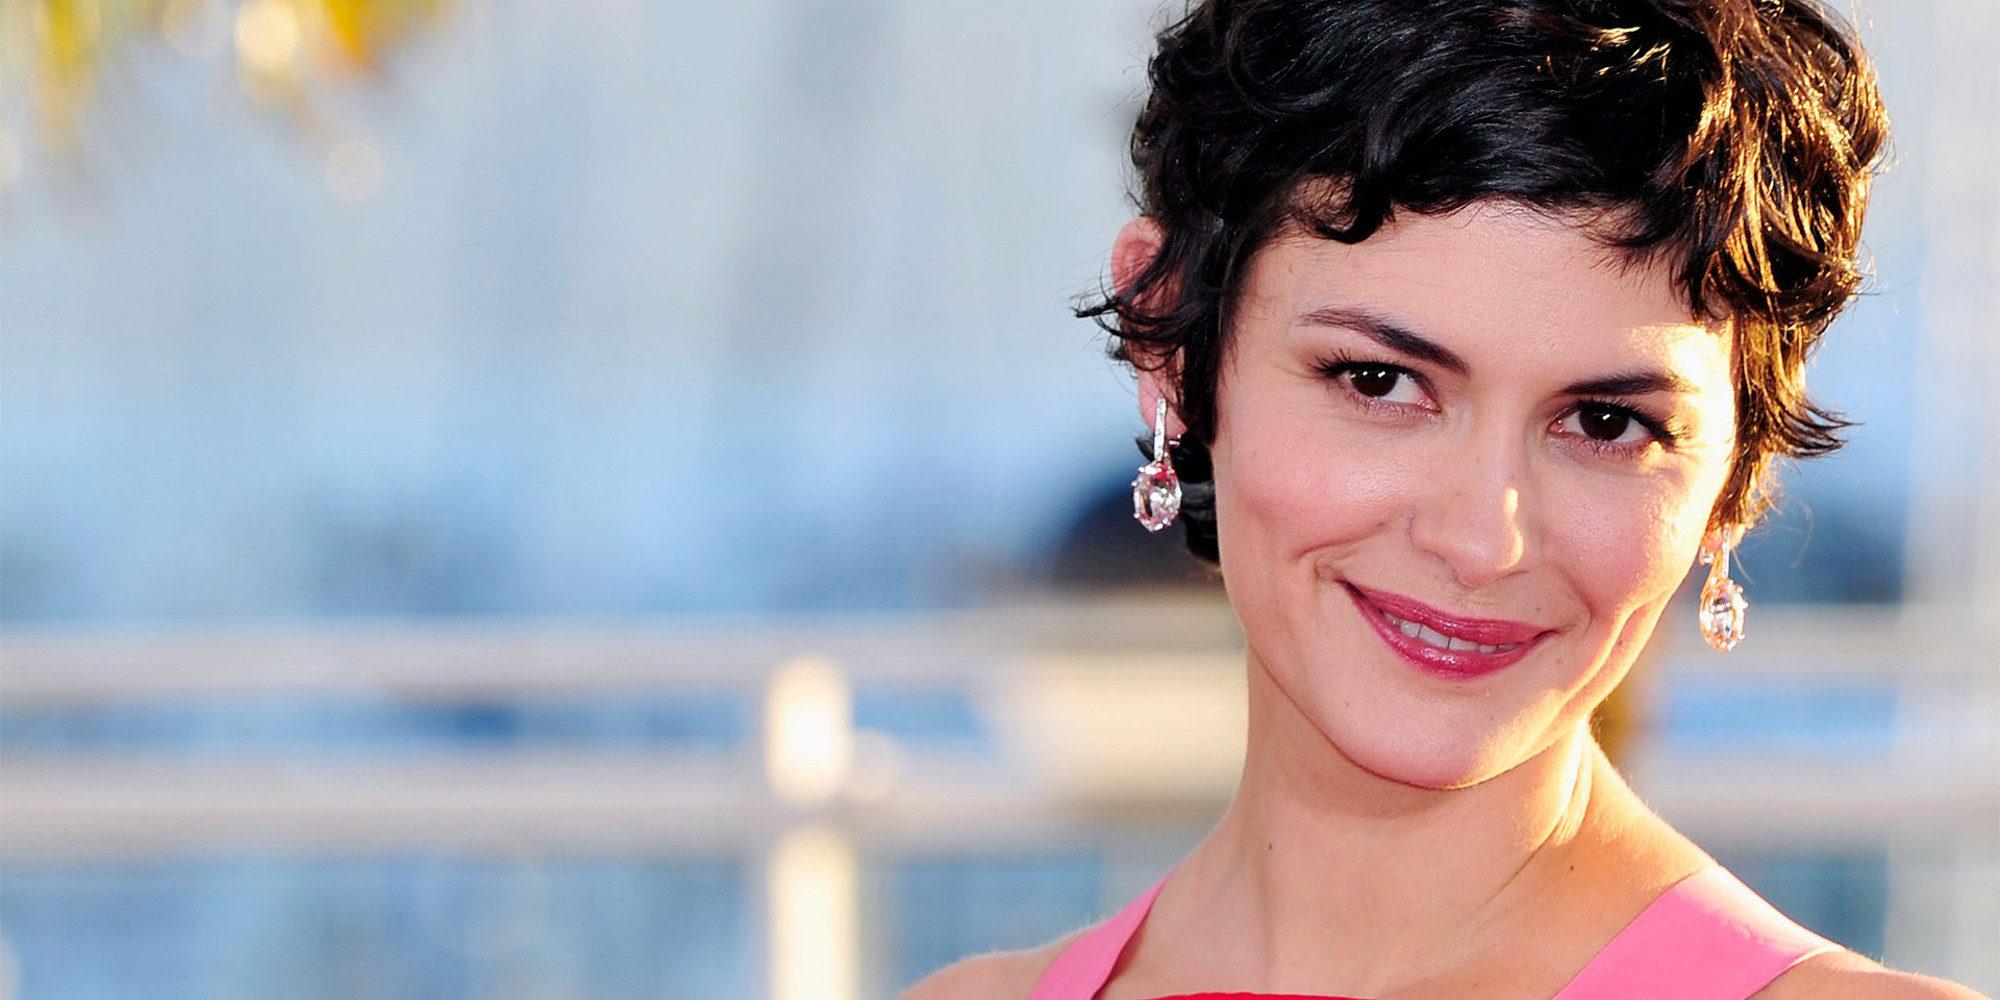 Audrey Tautou cumple 40 años: sus 4 papeles más allá de Amélie